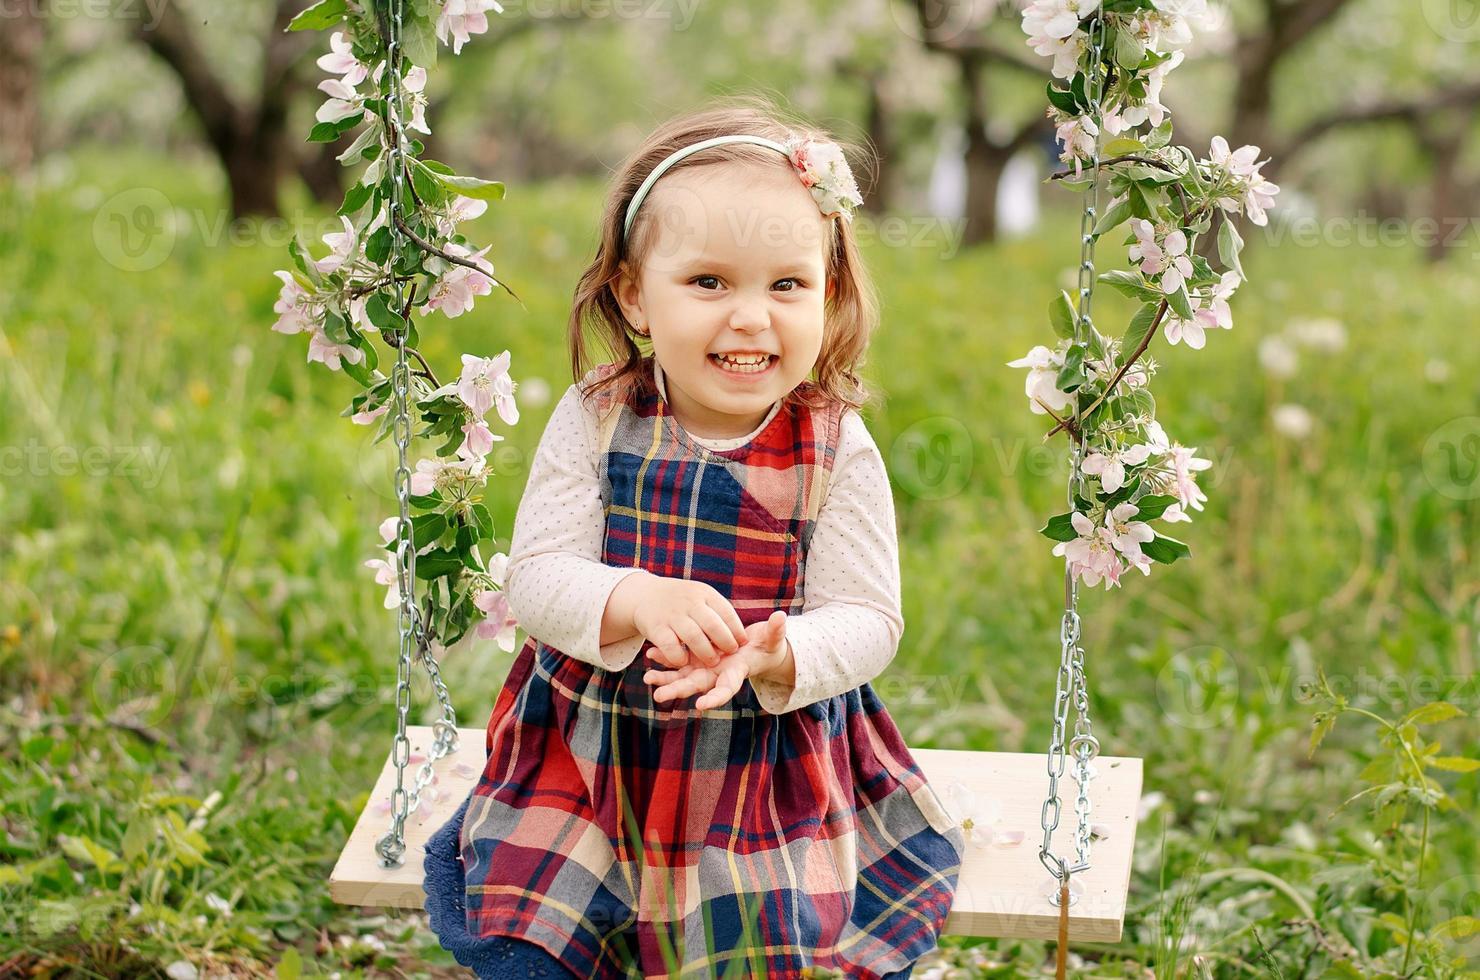 bambina sull'altalena del giardino foto